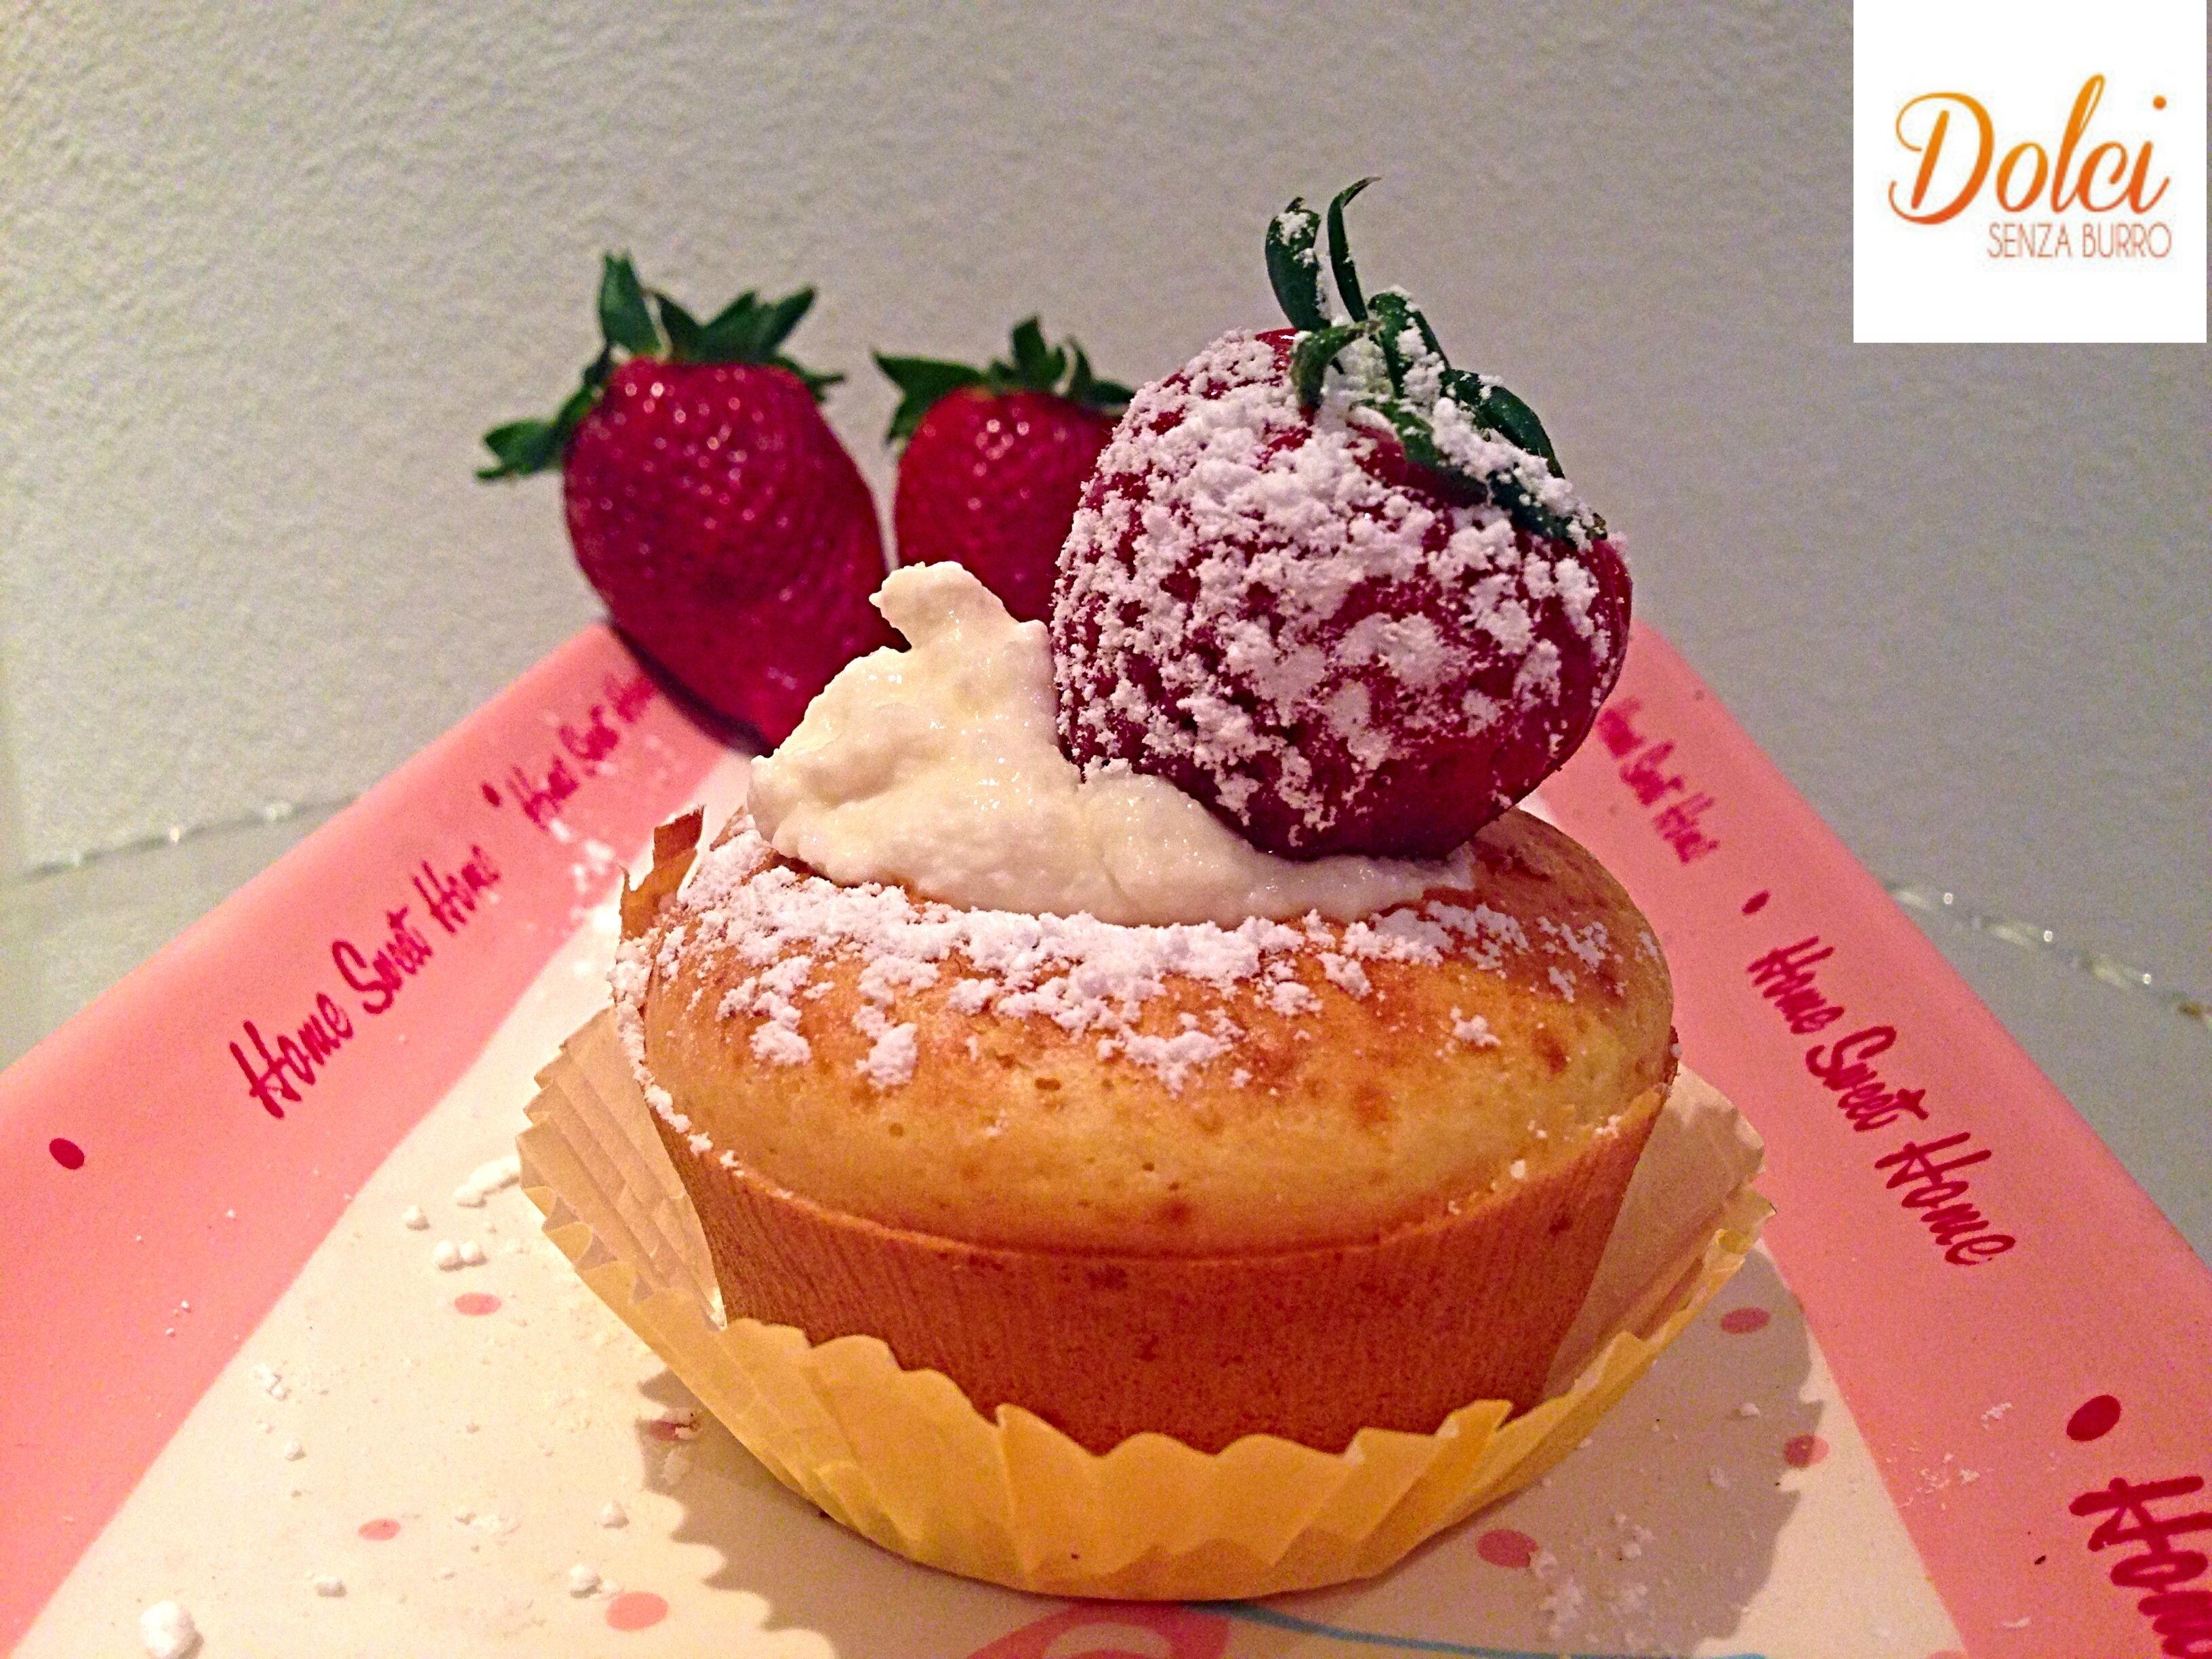 Muffin al Limone Senza Burro con Ricotta e Fragole, il dolce della primavera di dolci senza burro